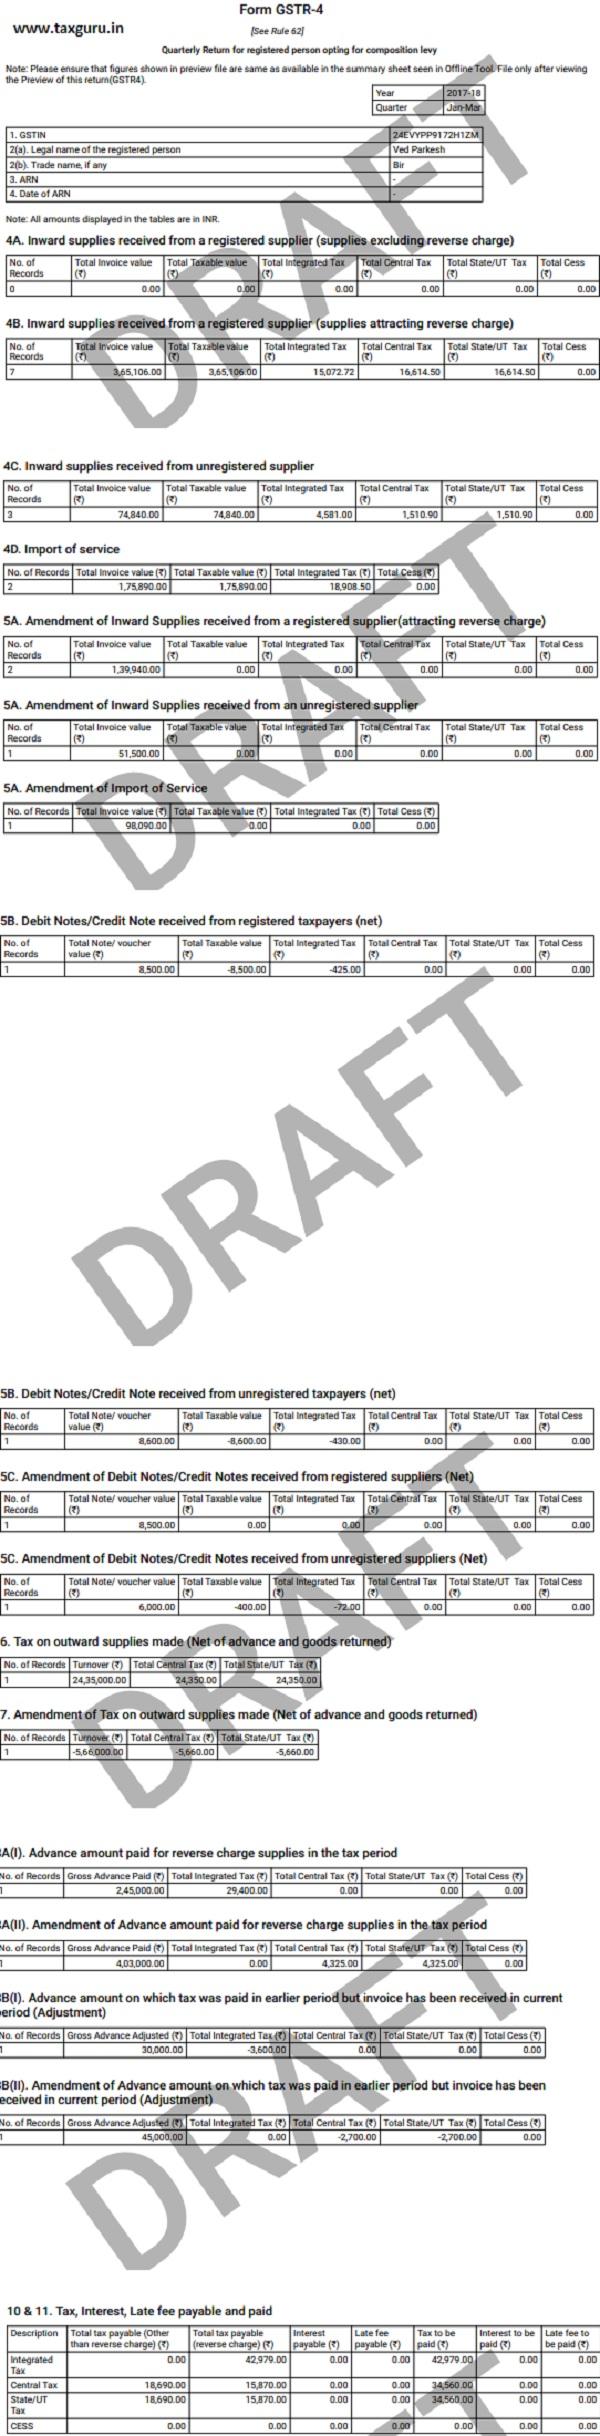 Form GSTR-4 - Quarterly Return 139